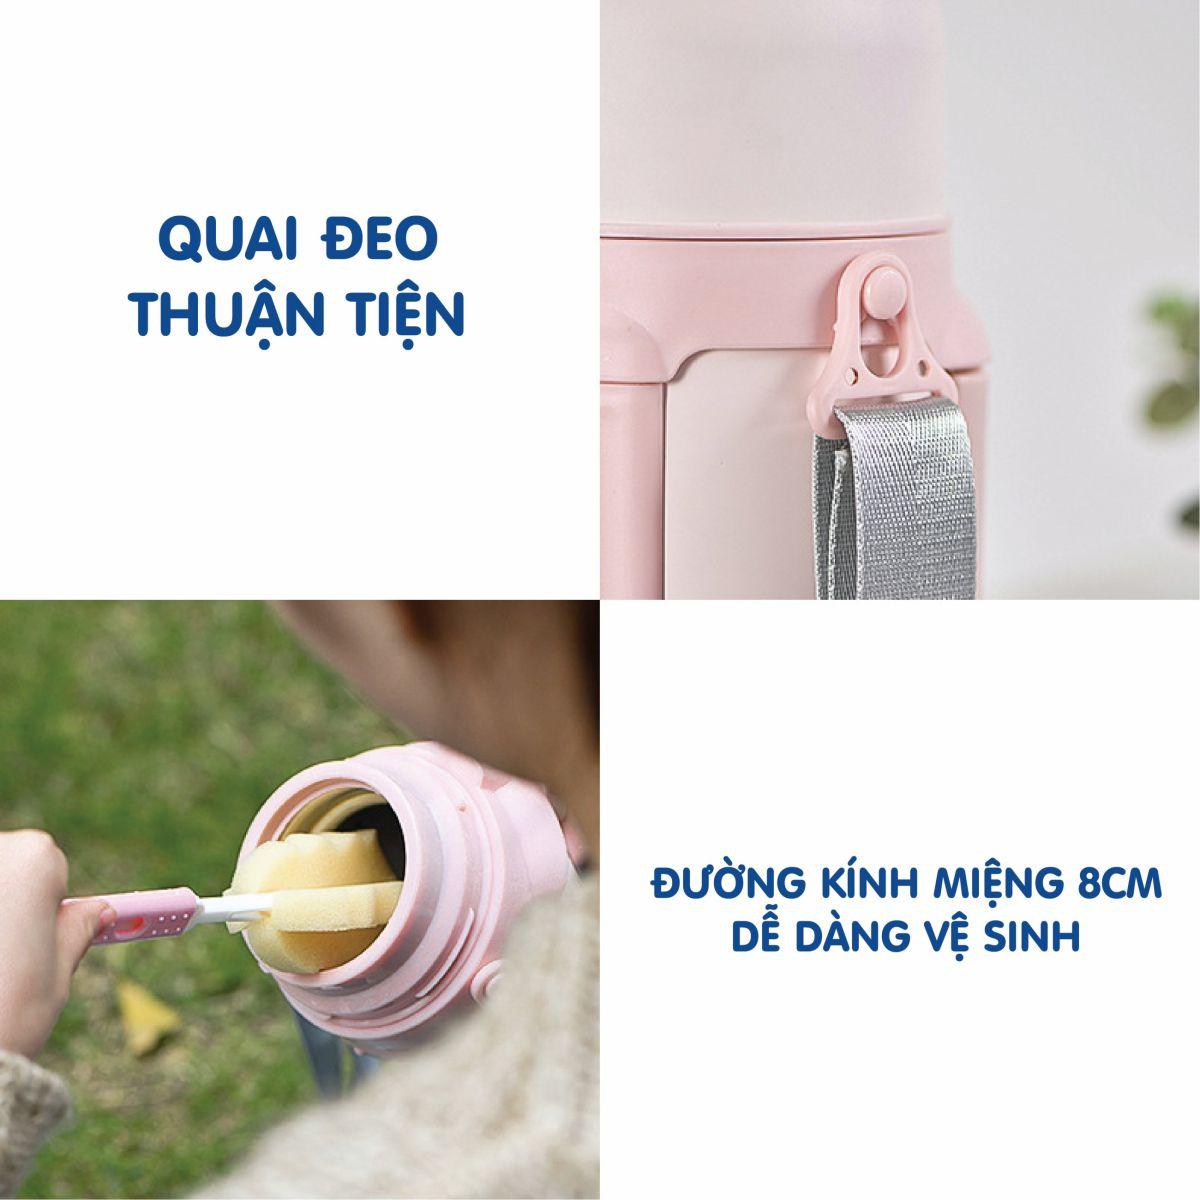 Bình ủ cháo giữ nhiệt Doux màu hồng